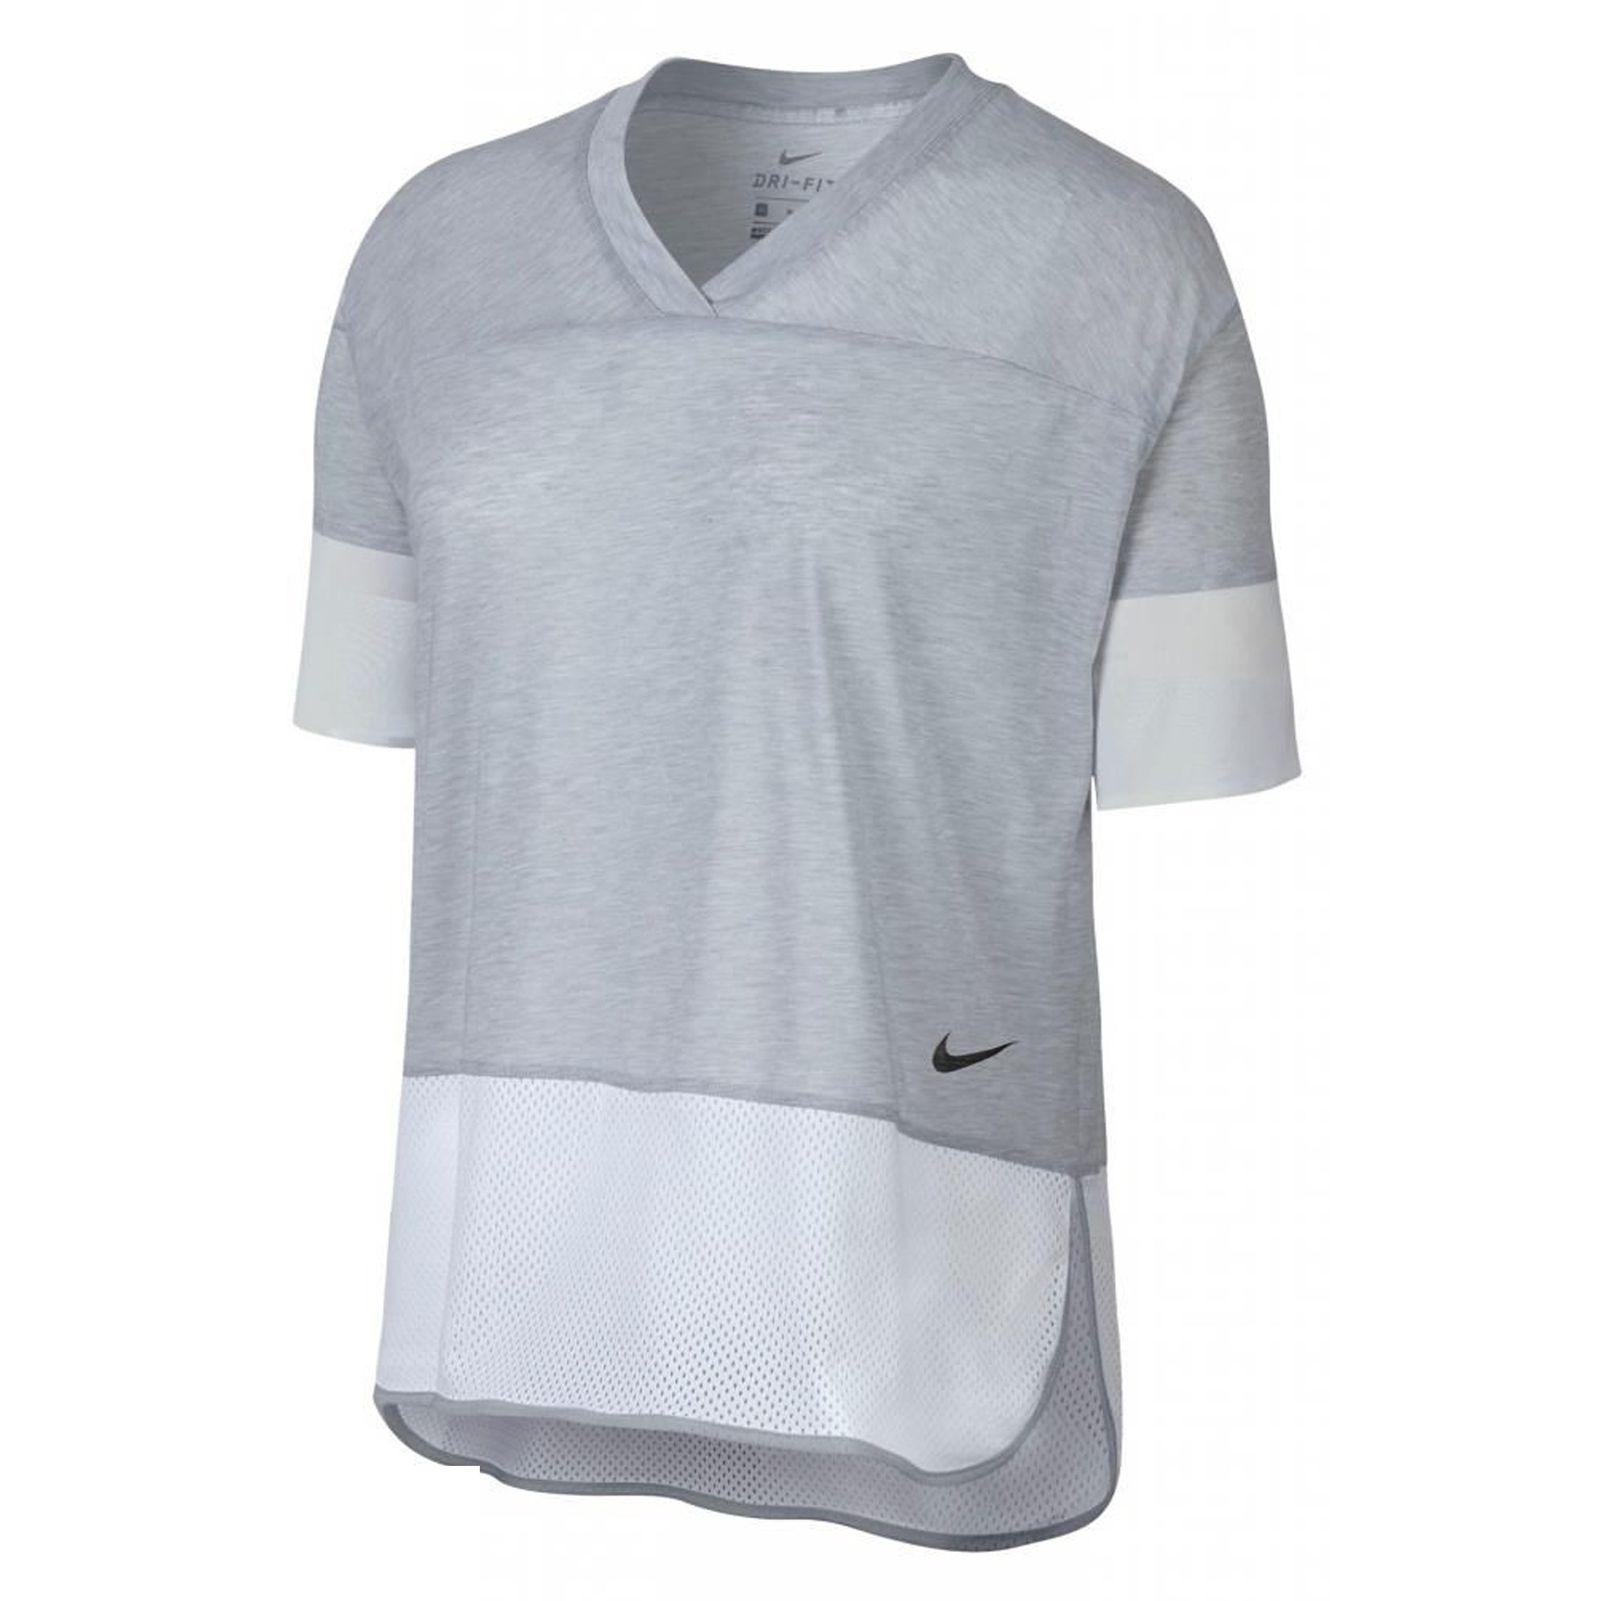 تی شرت ورزشی نخی زنانه - نایکی - طوسي - 2